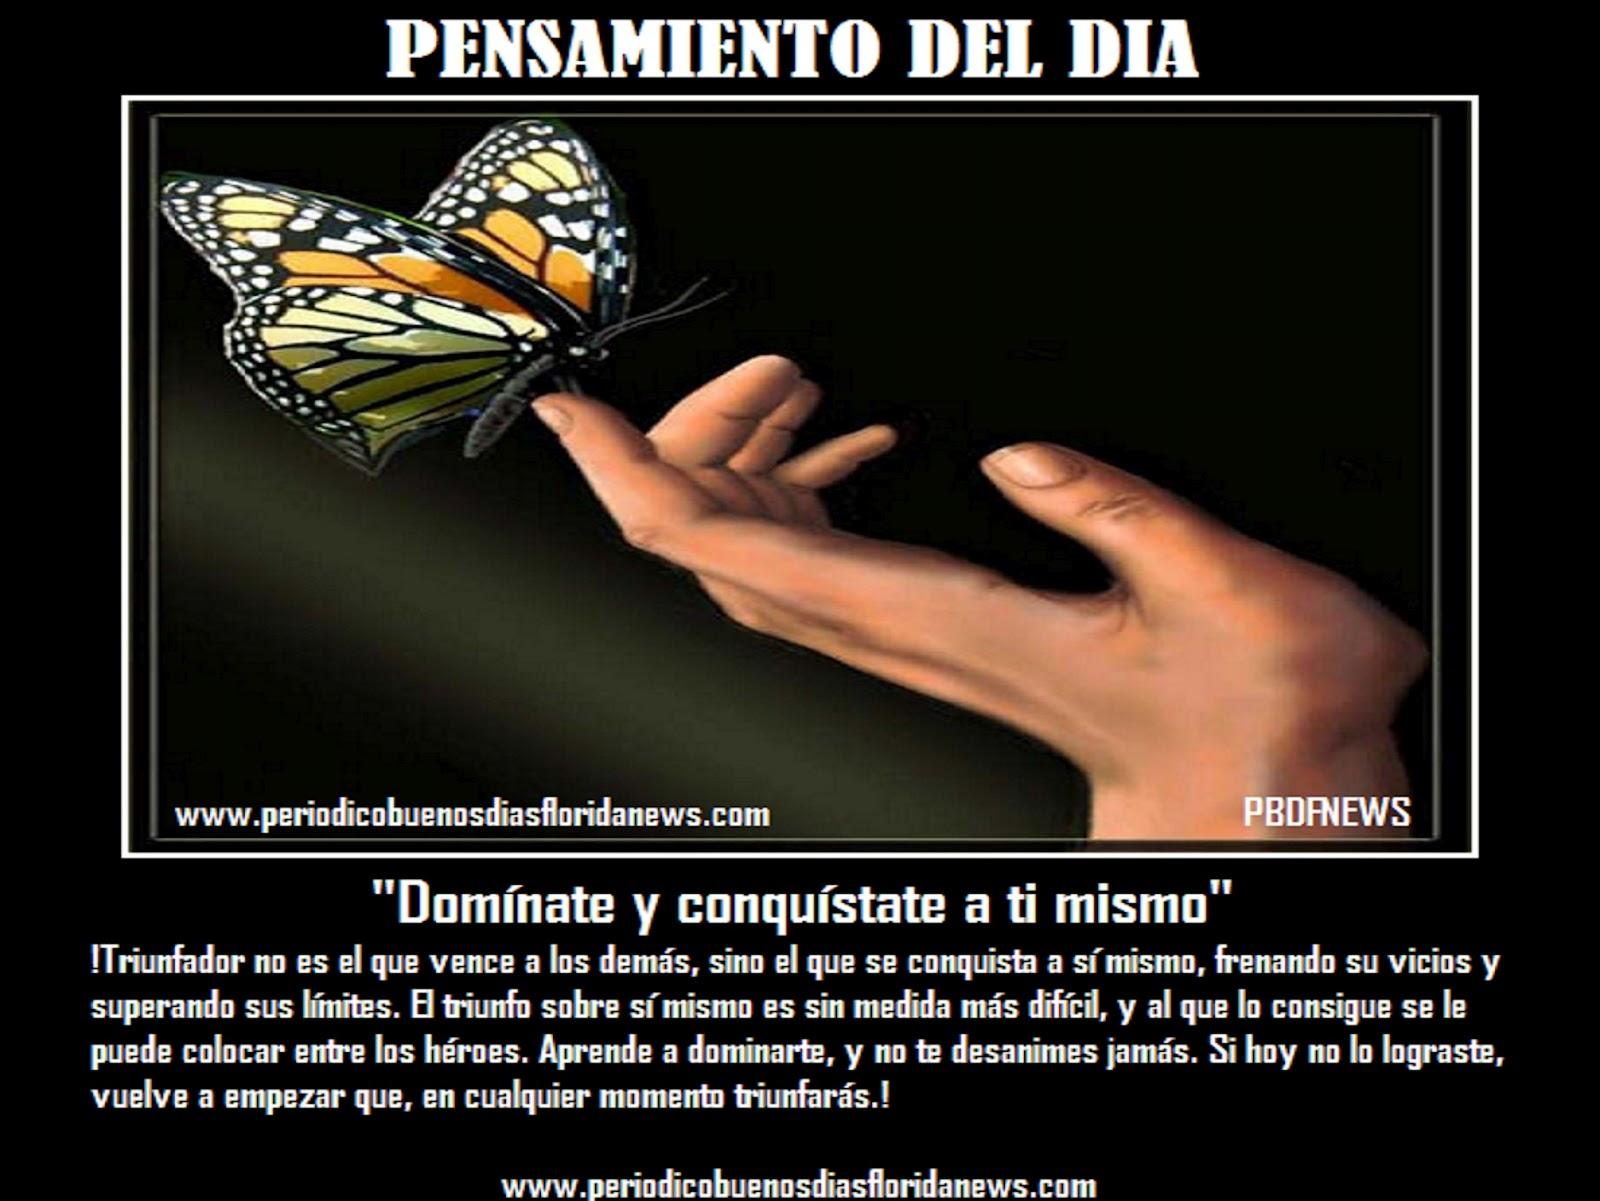 Mensajes Positivos - Fotos Bonitas - Imagenes Bonitas